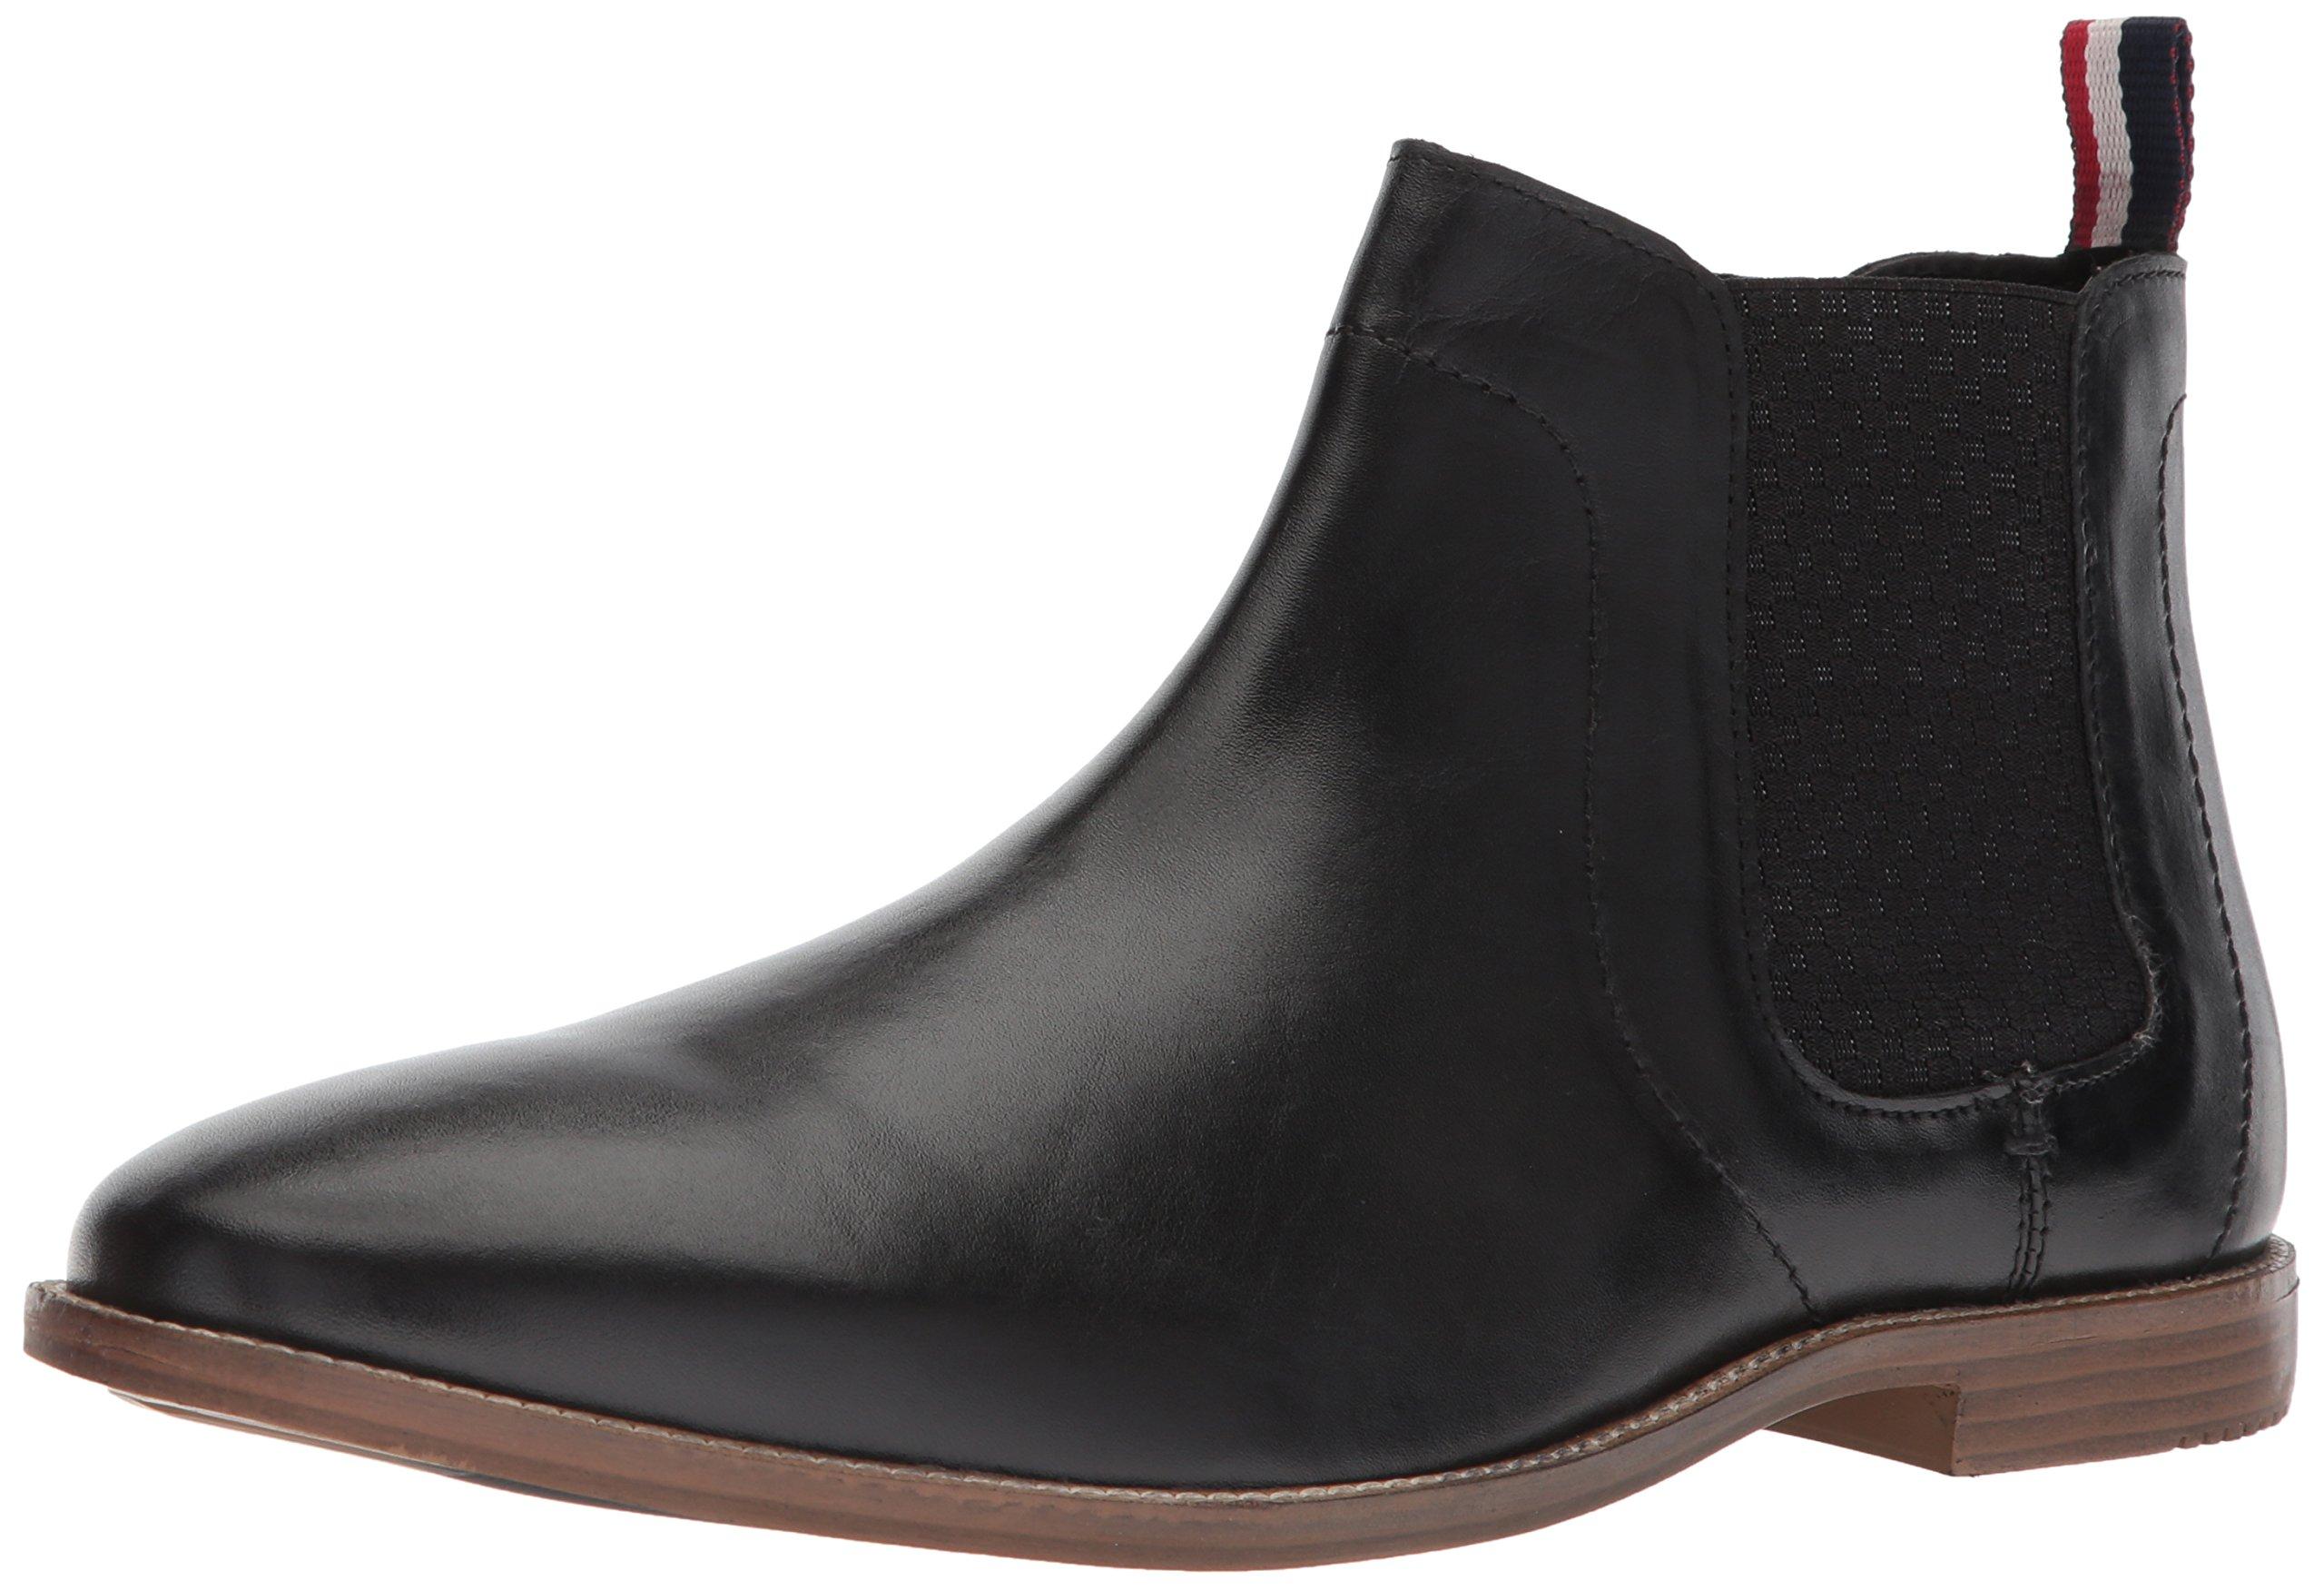 Ben Sherman Men's Gaston Chelsea Boot, Black, 11 M US by Ben Sherman